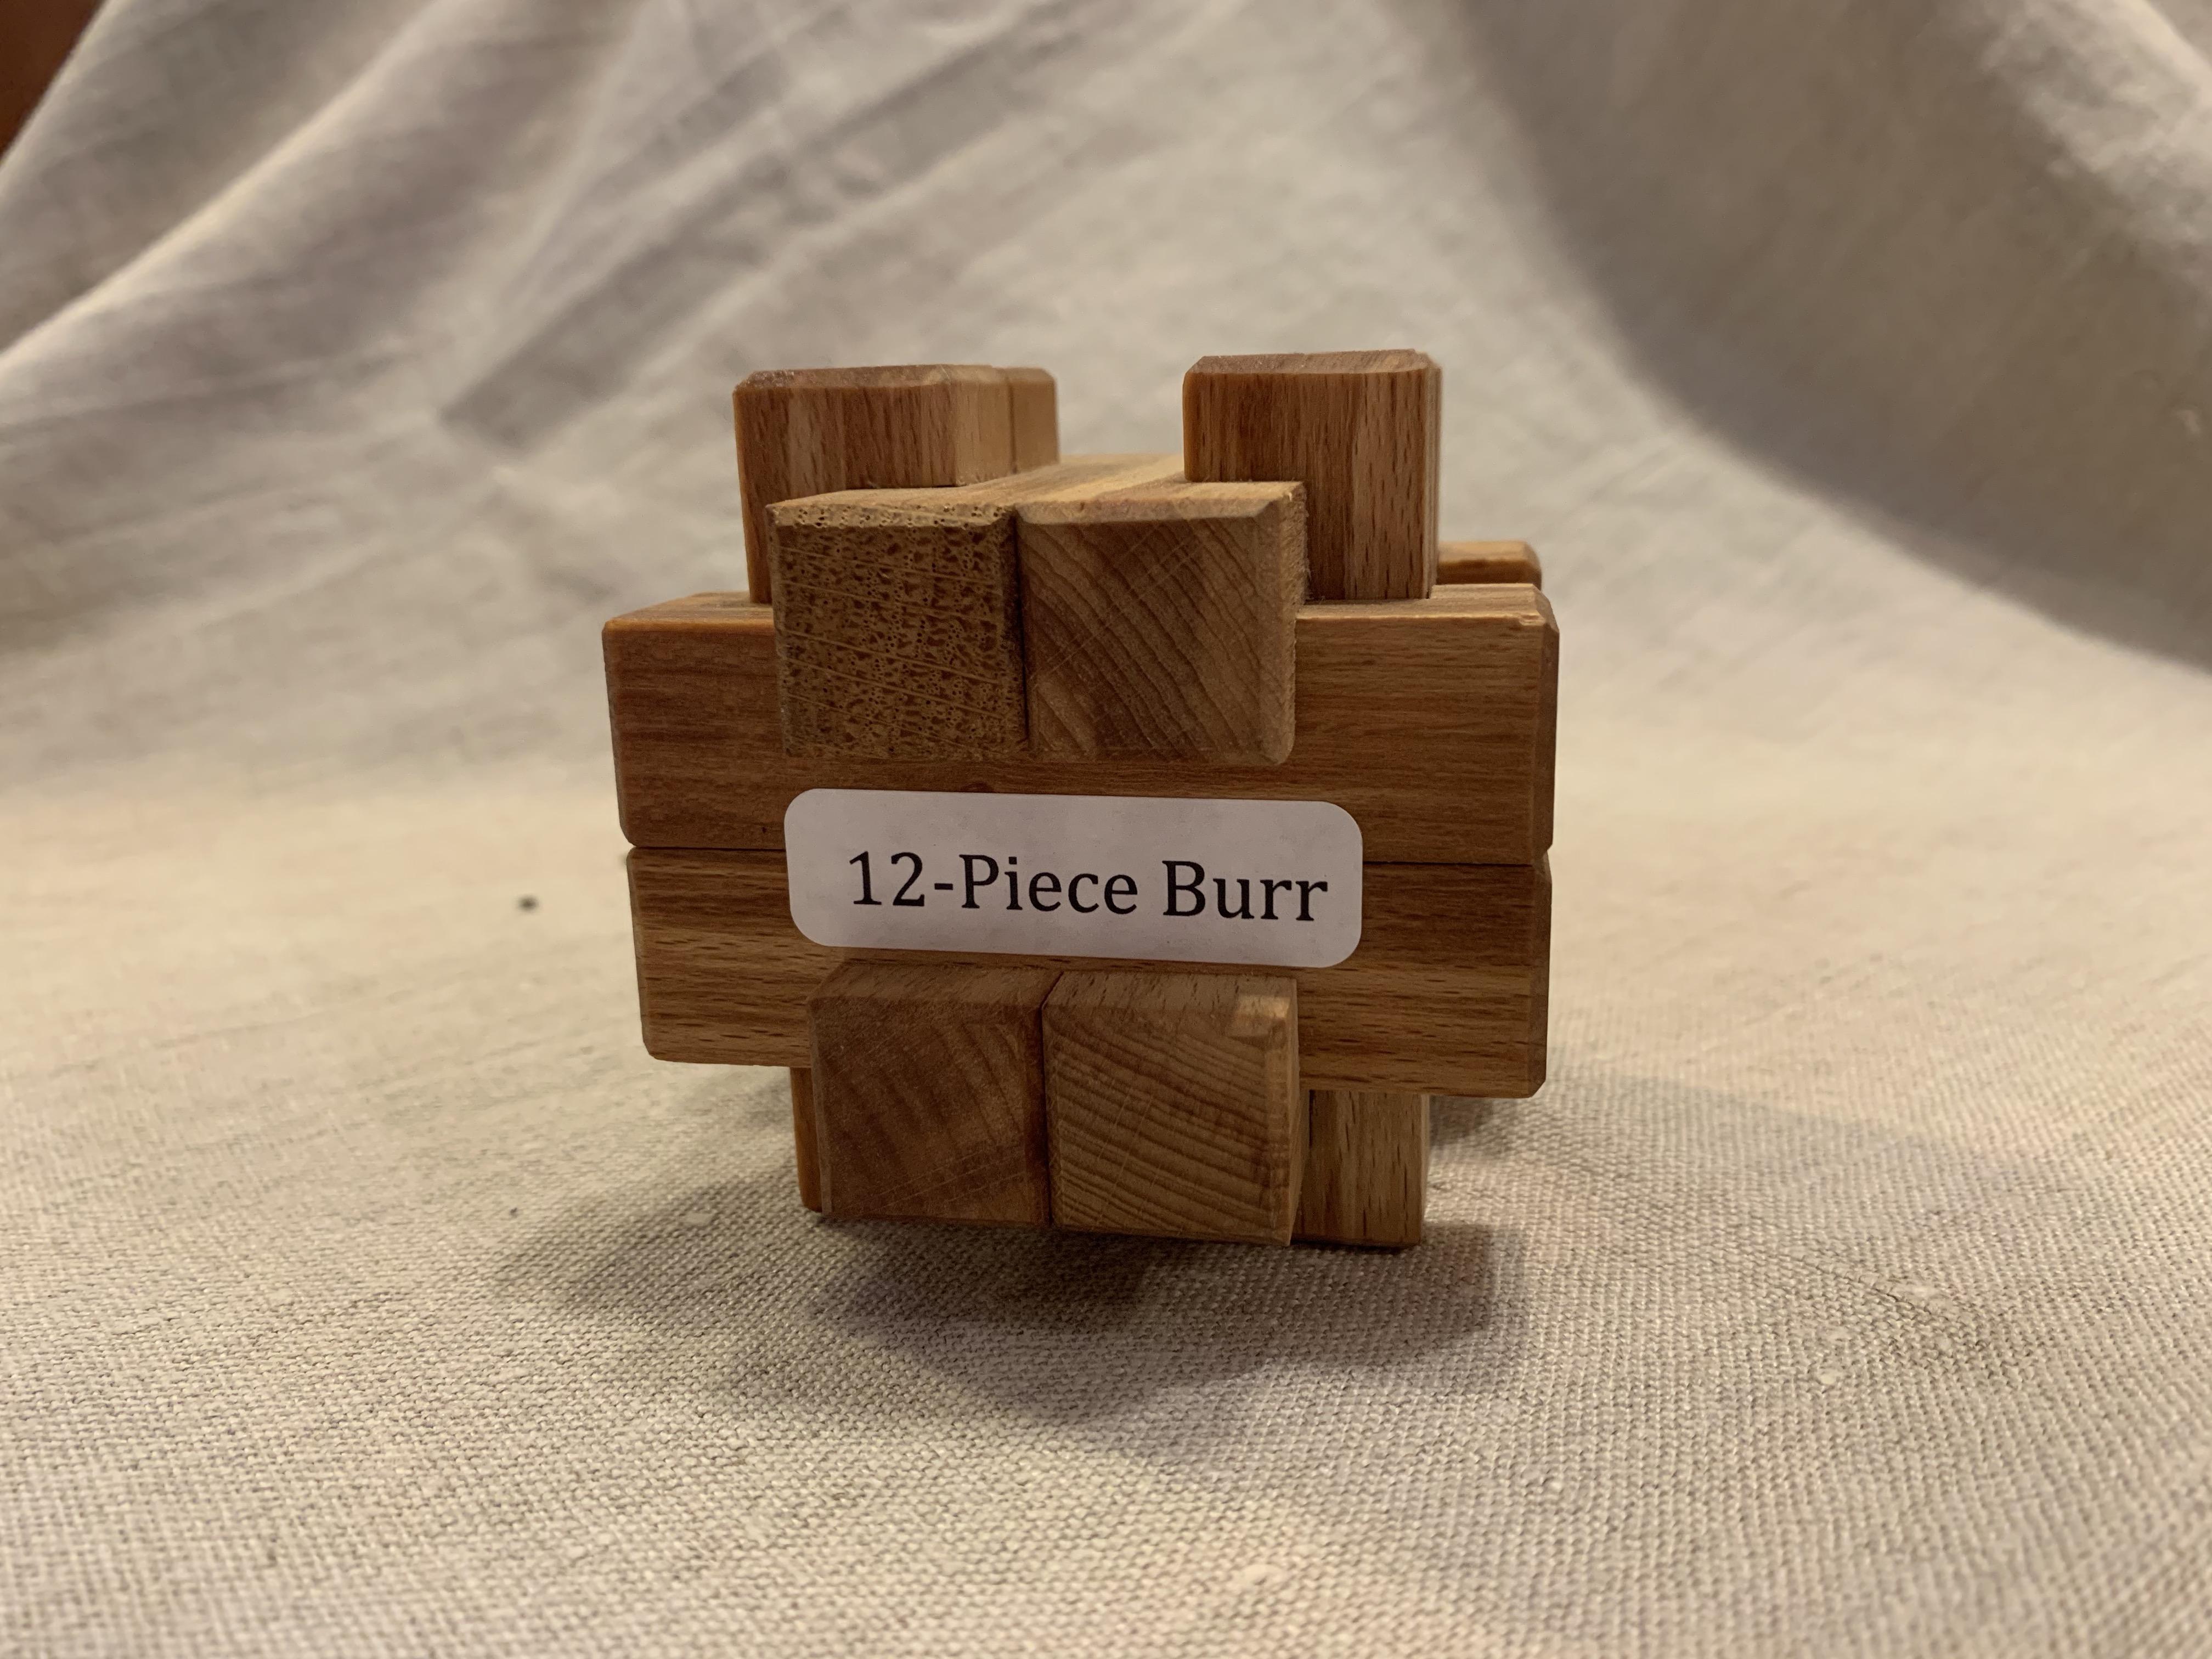 12 Piece Burr